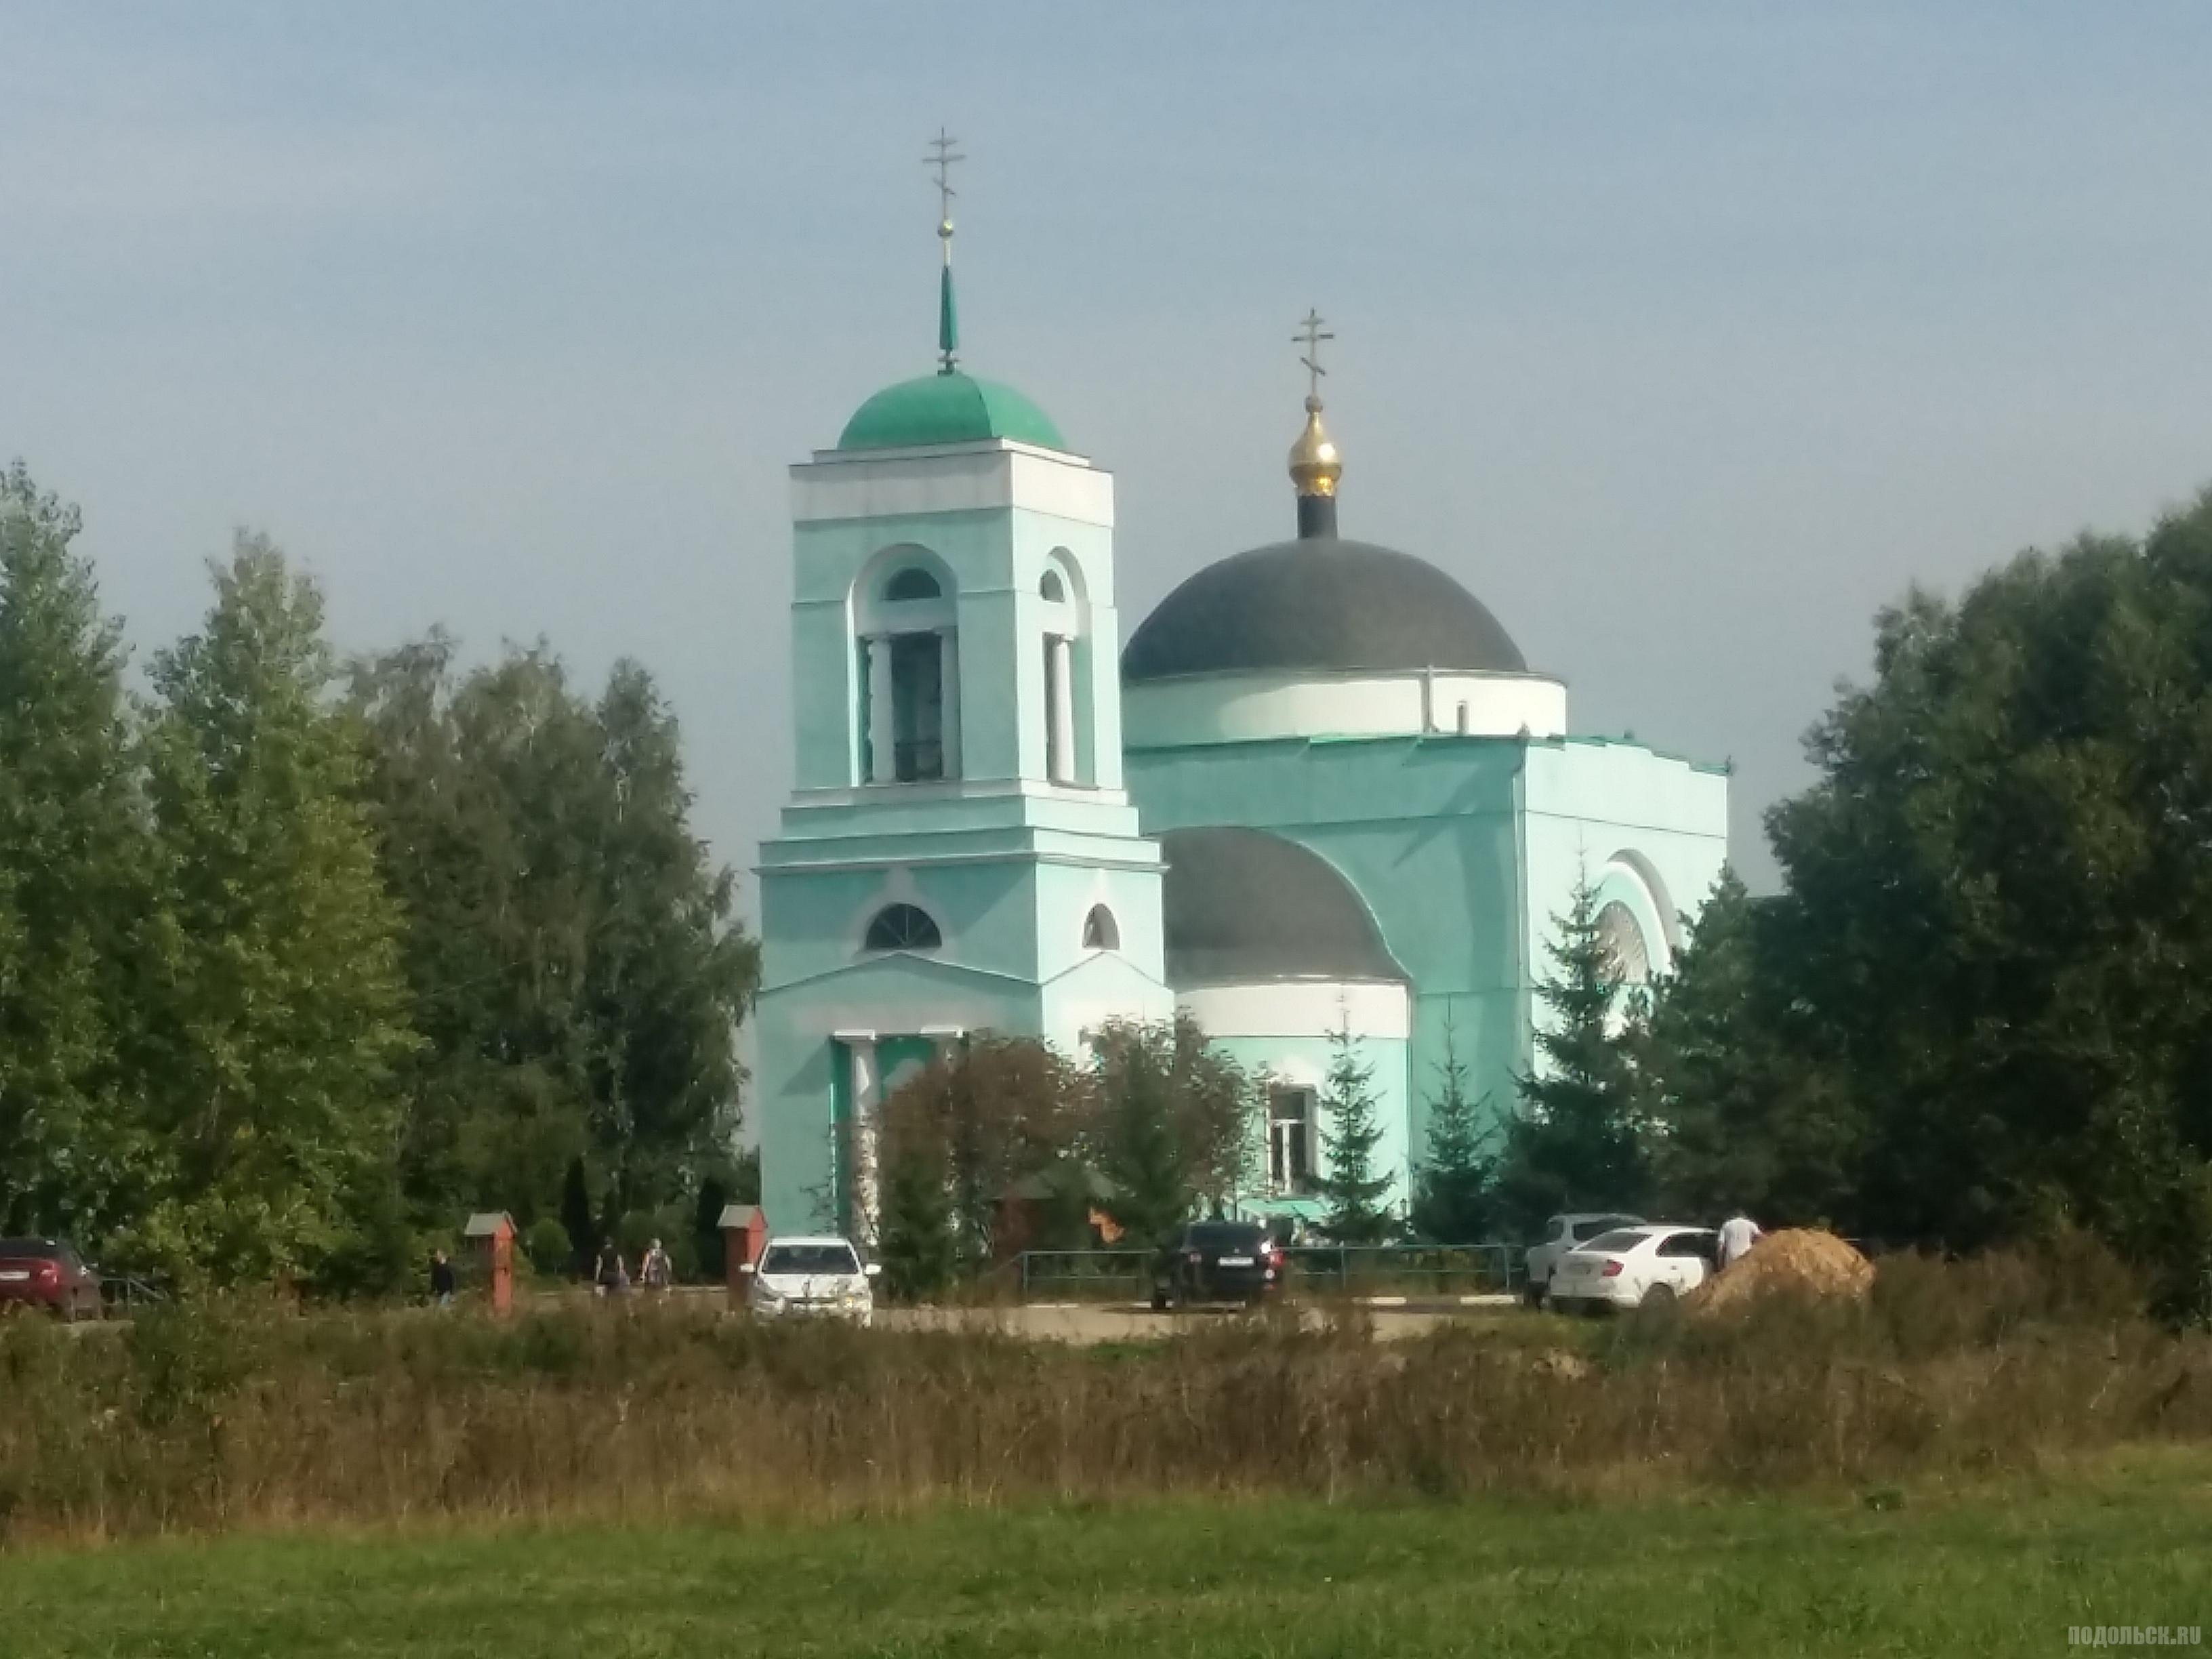 Троицкий храм в д. Коледино. Сентябрь 2018